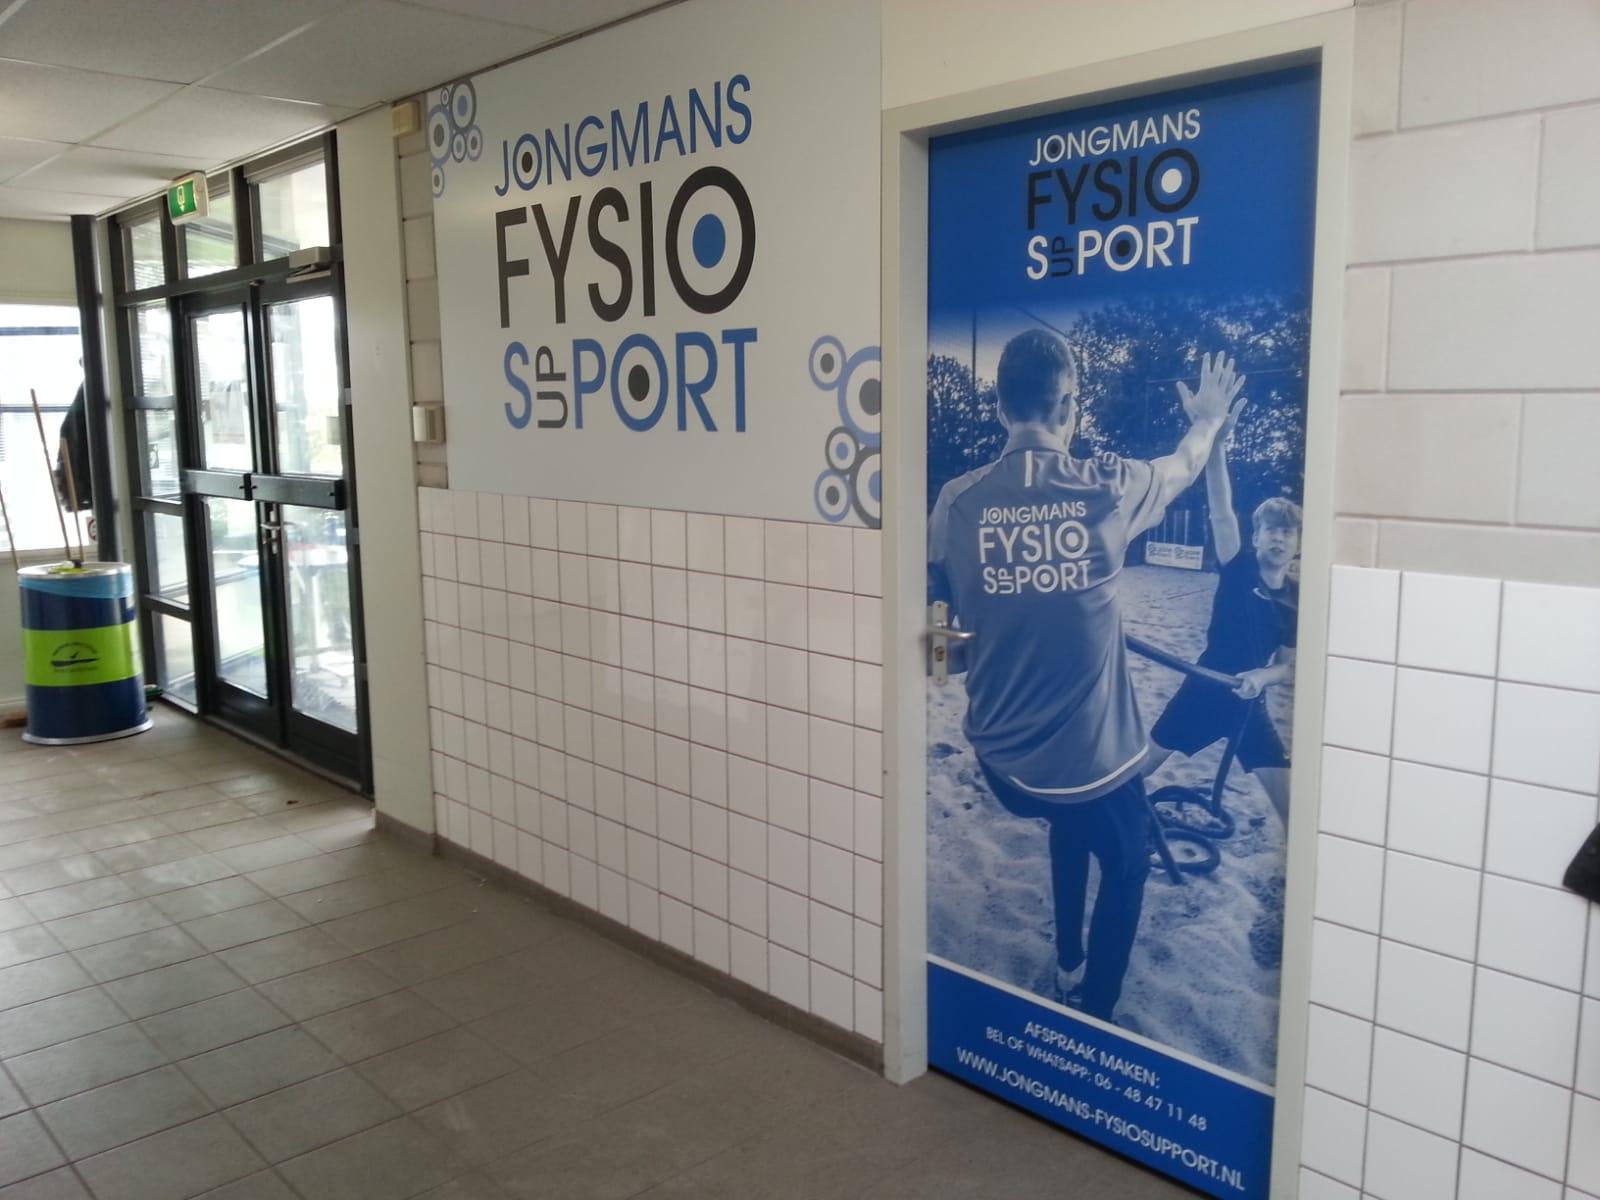 Jongmans-Fysiosupport